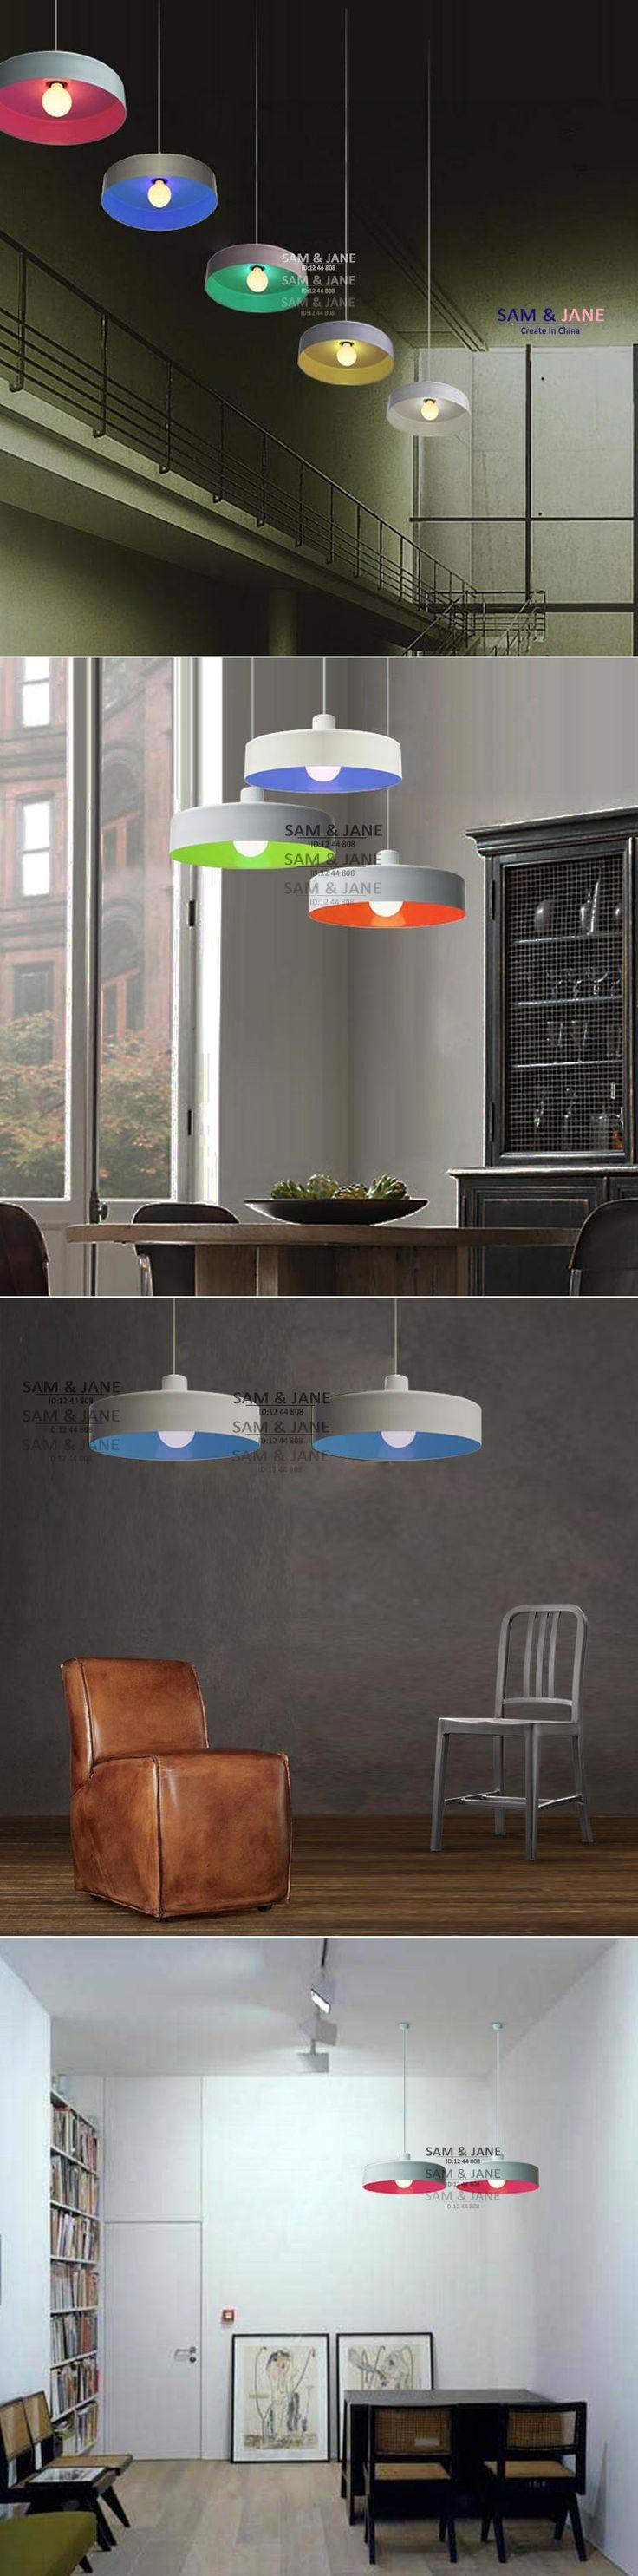 colore Dick moderni impianti di illuminazione pendente europa illuminazione soggiorno salone di nuovo lustro paralume decorazione della casa illuminazione in colore Dick moderni impianti di illuminazione pendente europa illuminazione soggiorno salone di nuovo lustro paralume deda Luci del pendente su AliExpress.com   Gruppo Alibaba